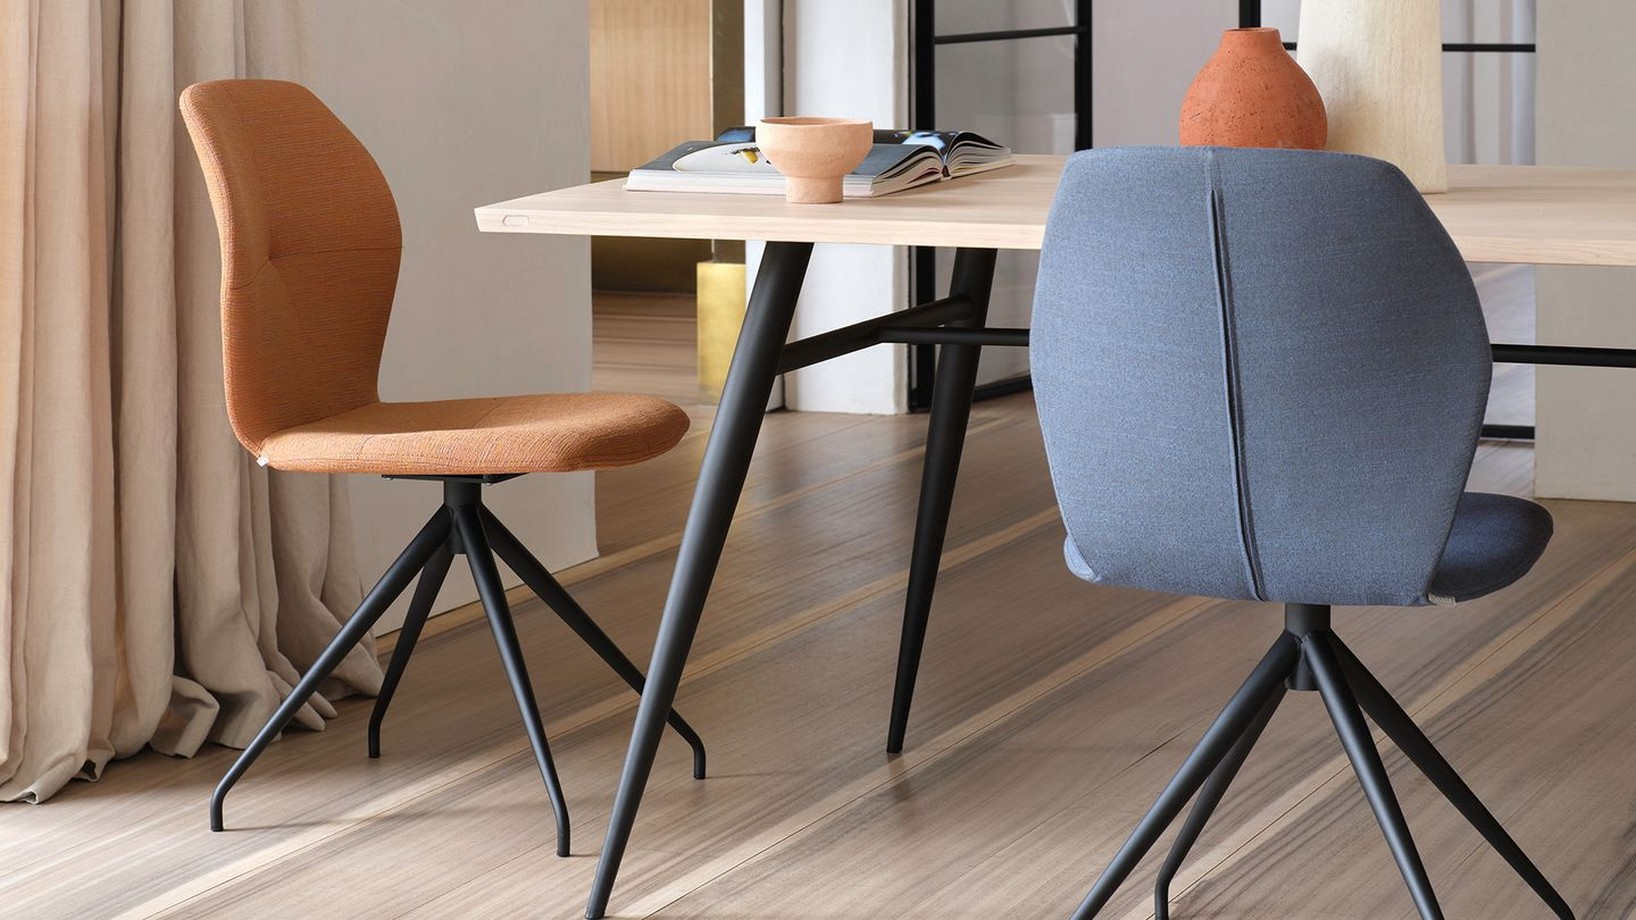 mobitec-mood-91-chaise-tissu-pied-central-metal-noir-06-label-maison-nantes